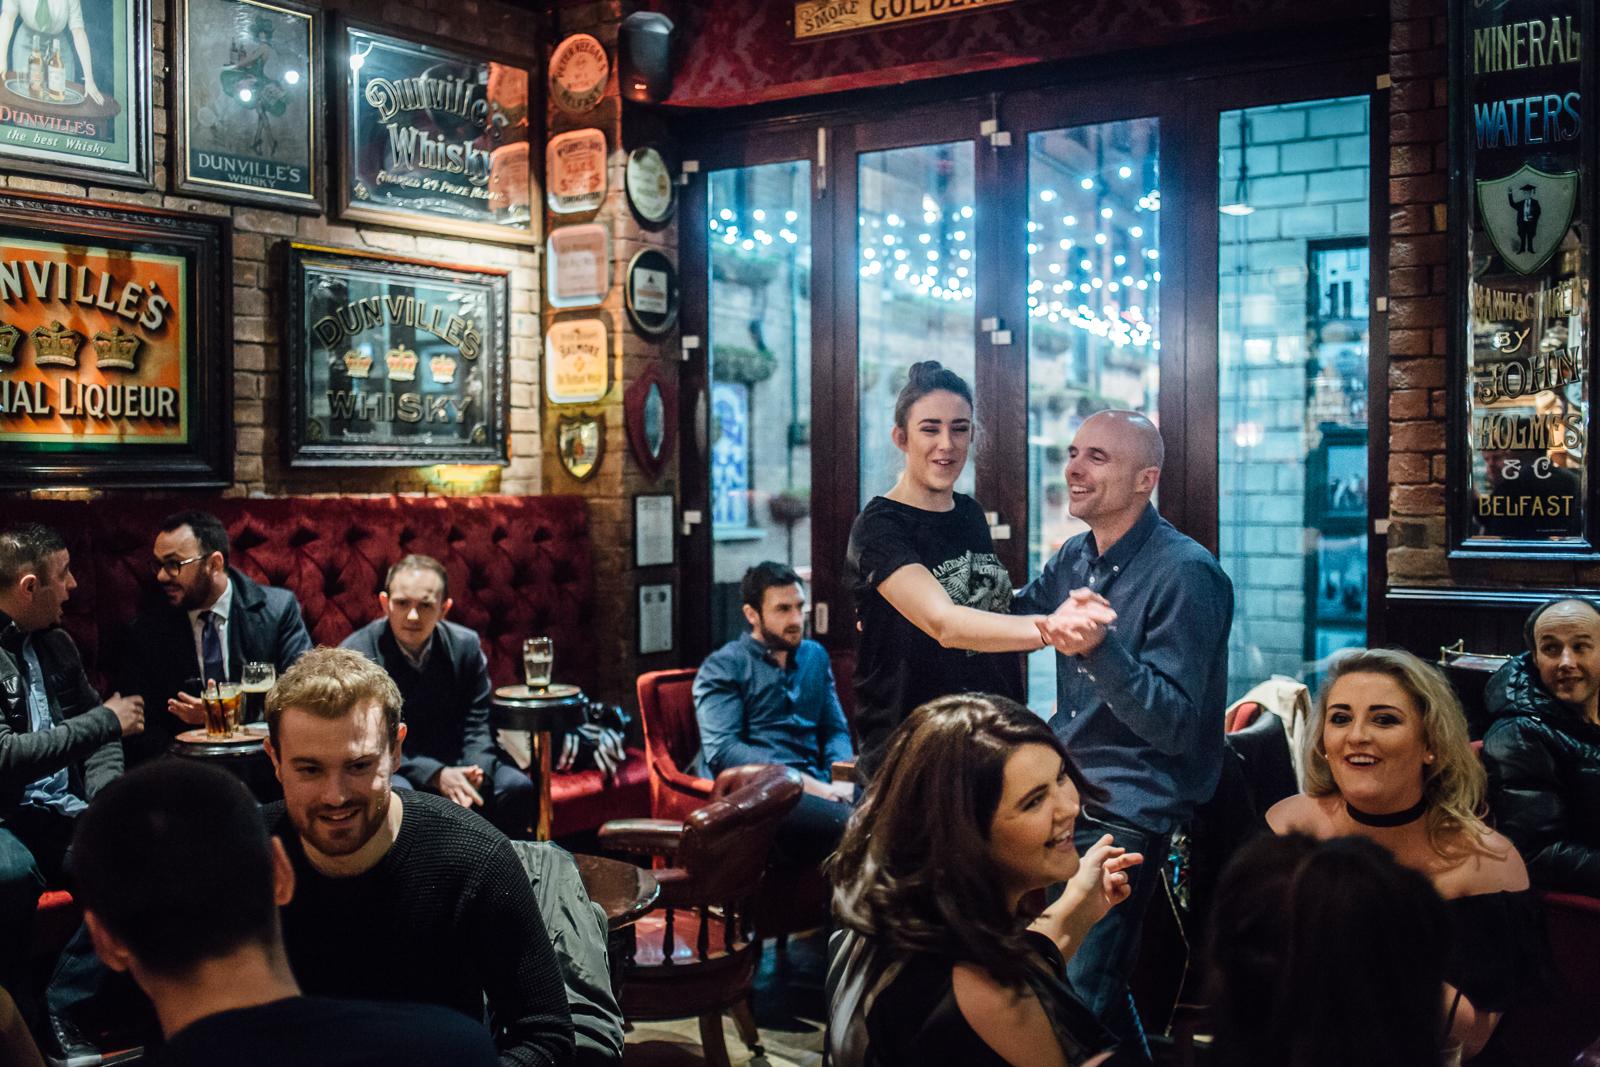 Belfast, le 23 Février 2017. Ambiance de pub dans le centre ville de Belfast. Petit à petit, le centre et la nuit nocturne reprennent vie, après la signature de la cessation des hostilités. Tous les bars ou presque proposent de la musique live en soirée.